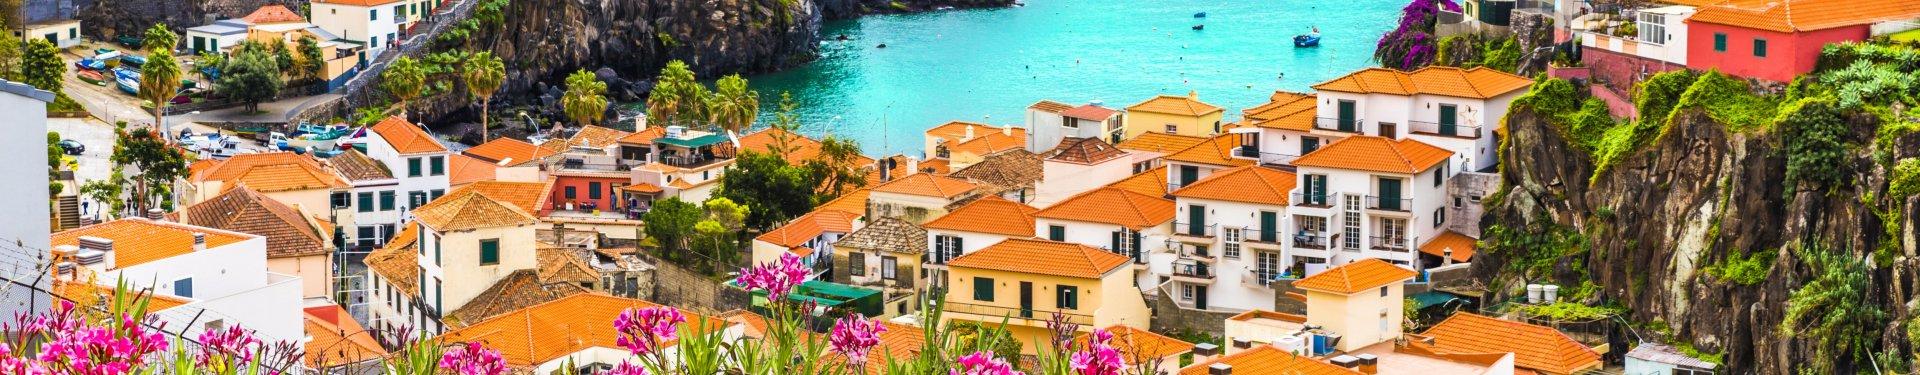 Villas In Madeira Clickstay Holiday Rentals